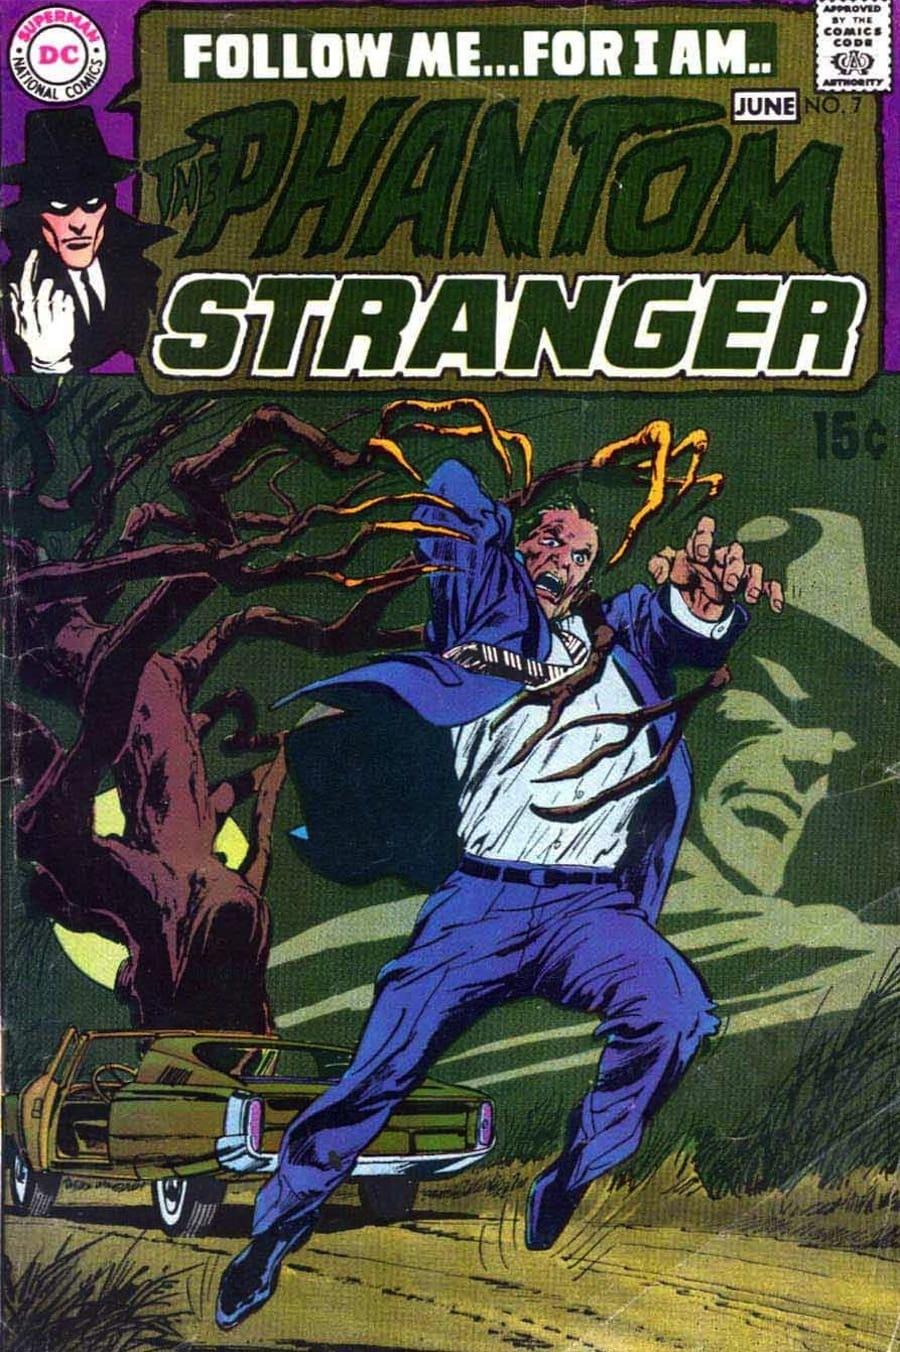 Phantom Stranger v2 #7 - 1970s dc horror comic book cover art by Neal Adams